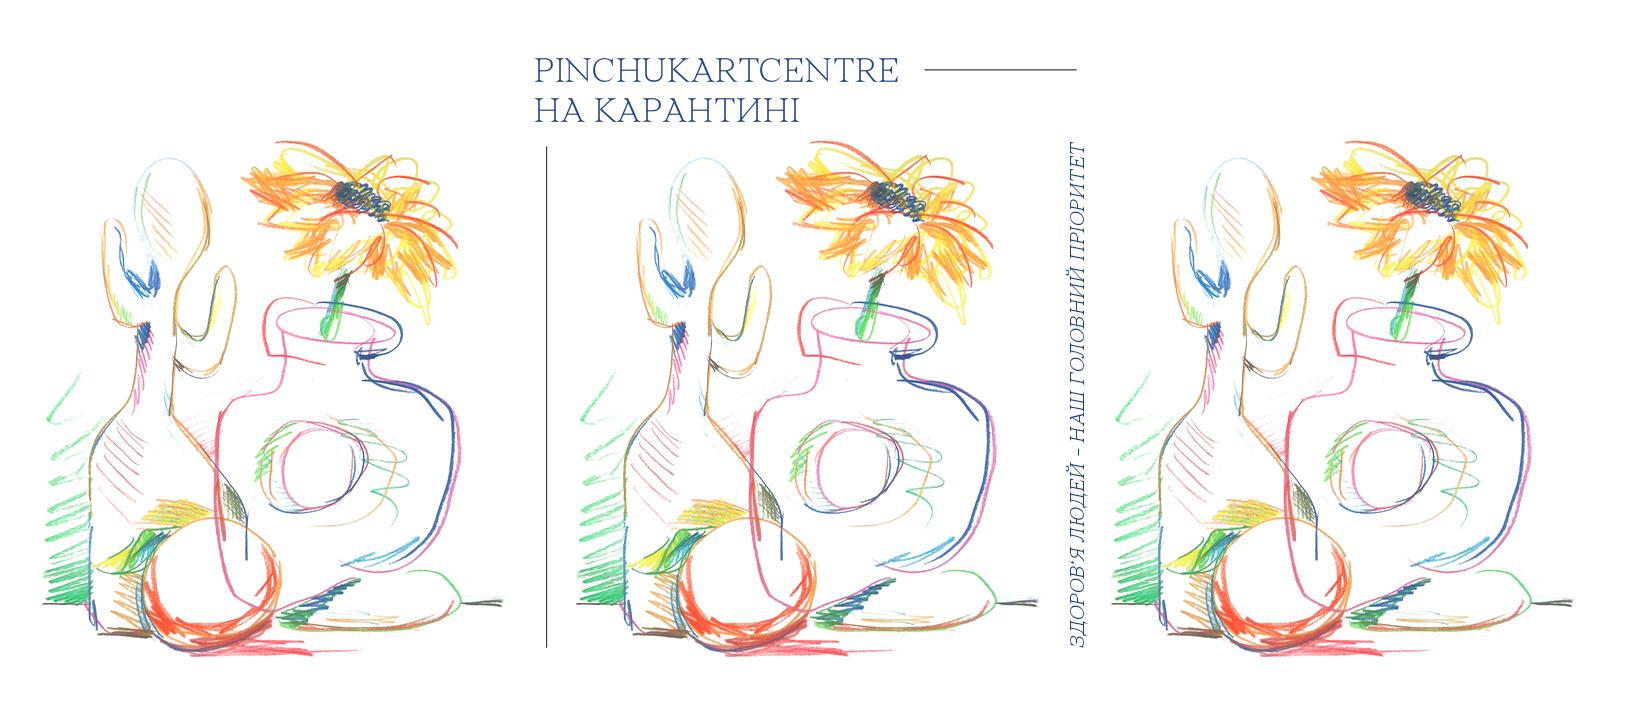 PinchukArtCentre почав освітню онлайн-програму з мистецтва для Всеукраїнської школи